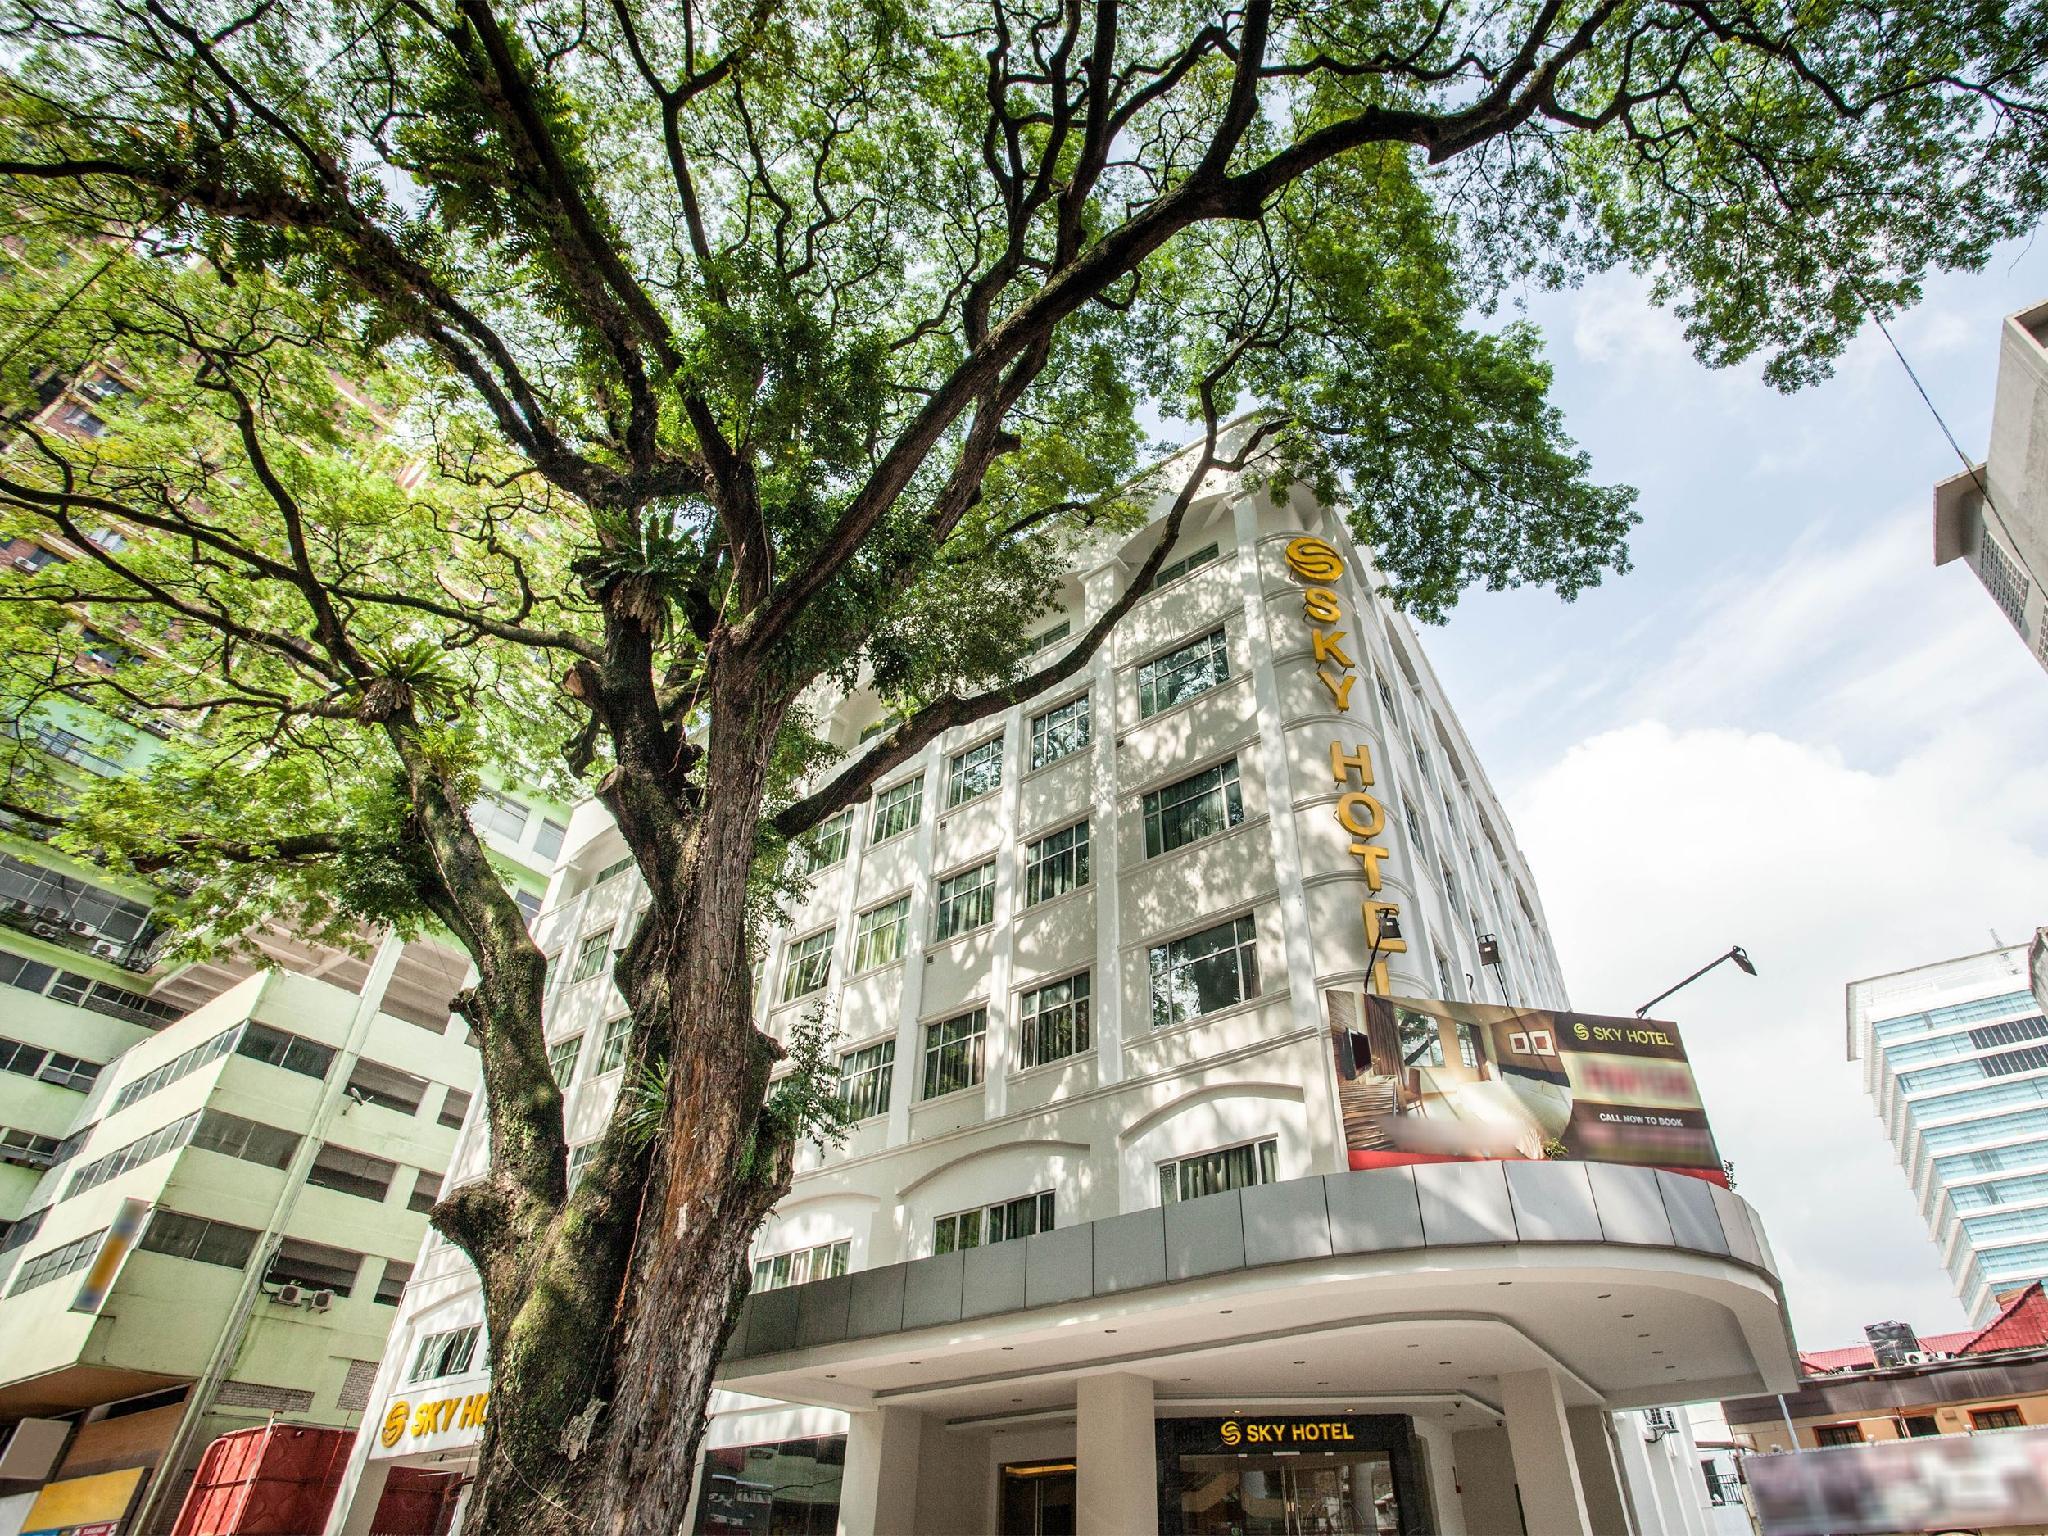 Sky Hotel Bukit Bintang, Kuala Lumpur